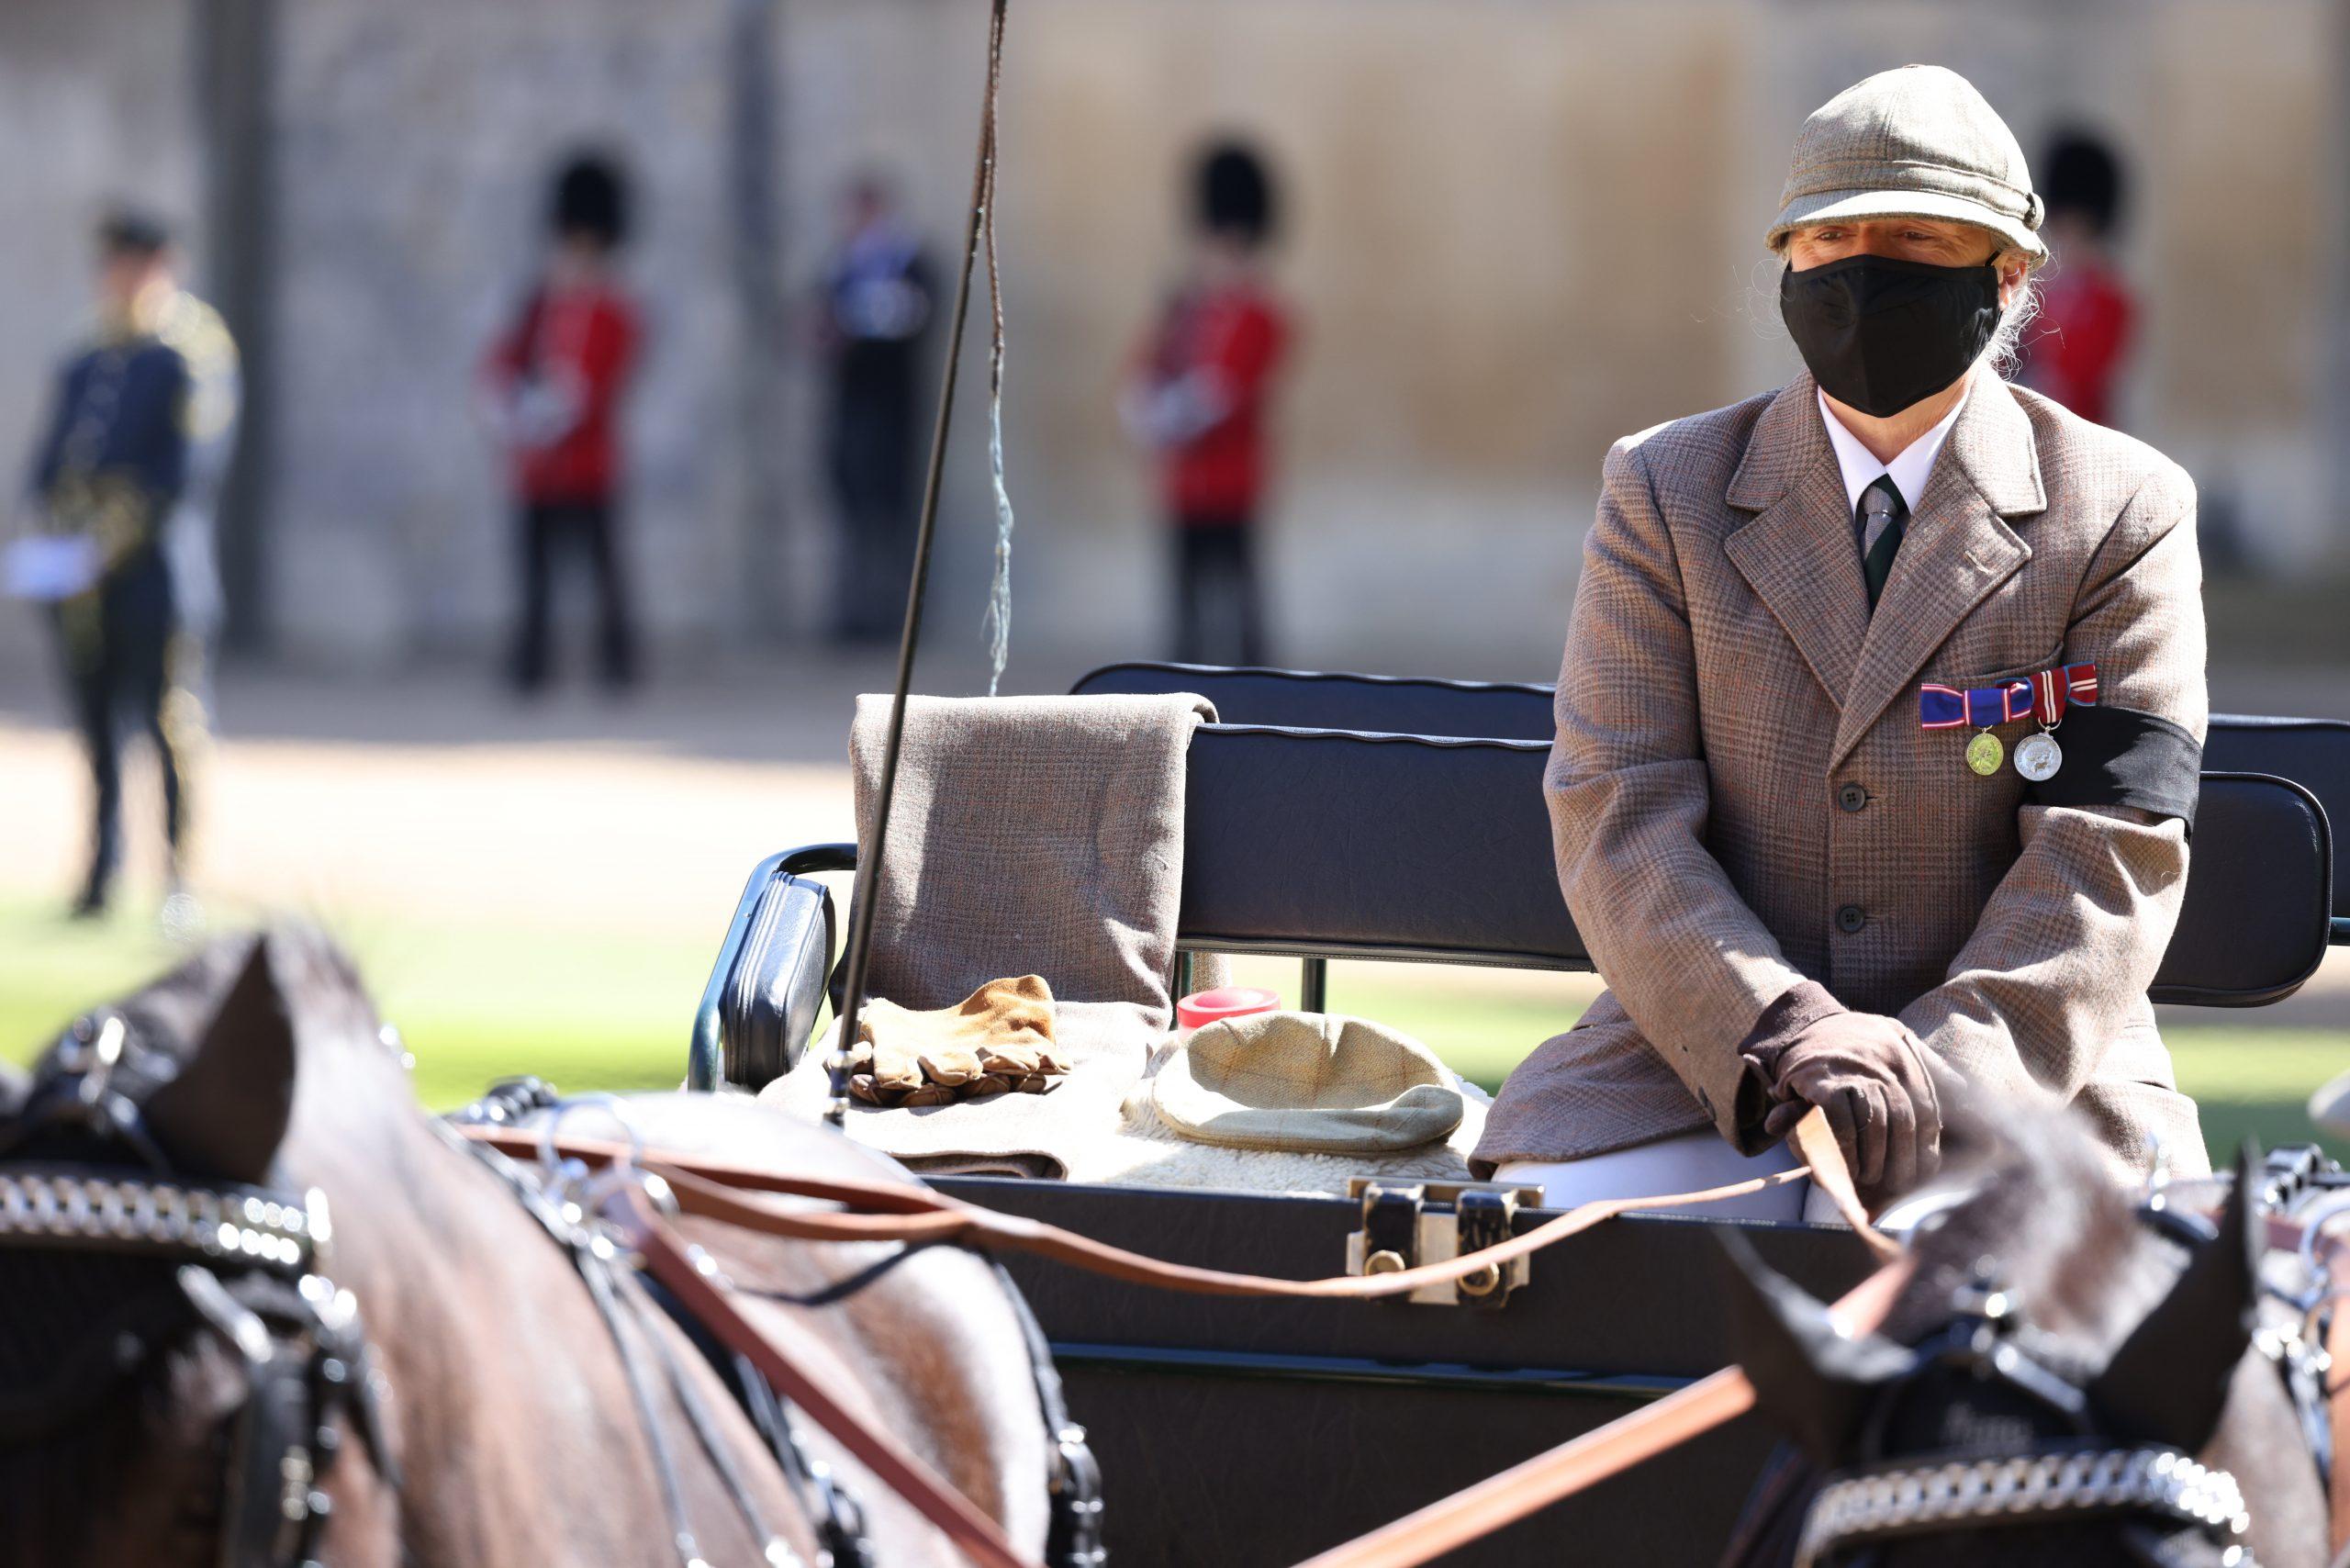 Voiture tirée par des chevaux vue dans le Quadrangle avant les funérailles du Prince Philip, Duc d'Edimbourg au Château de Windsor le 17 avril 2021 à Windsor, Angleterre.